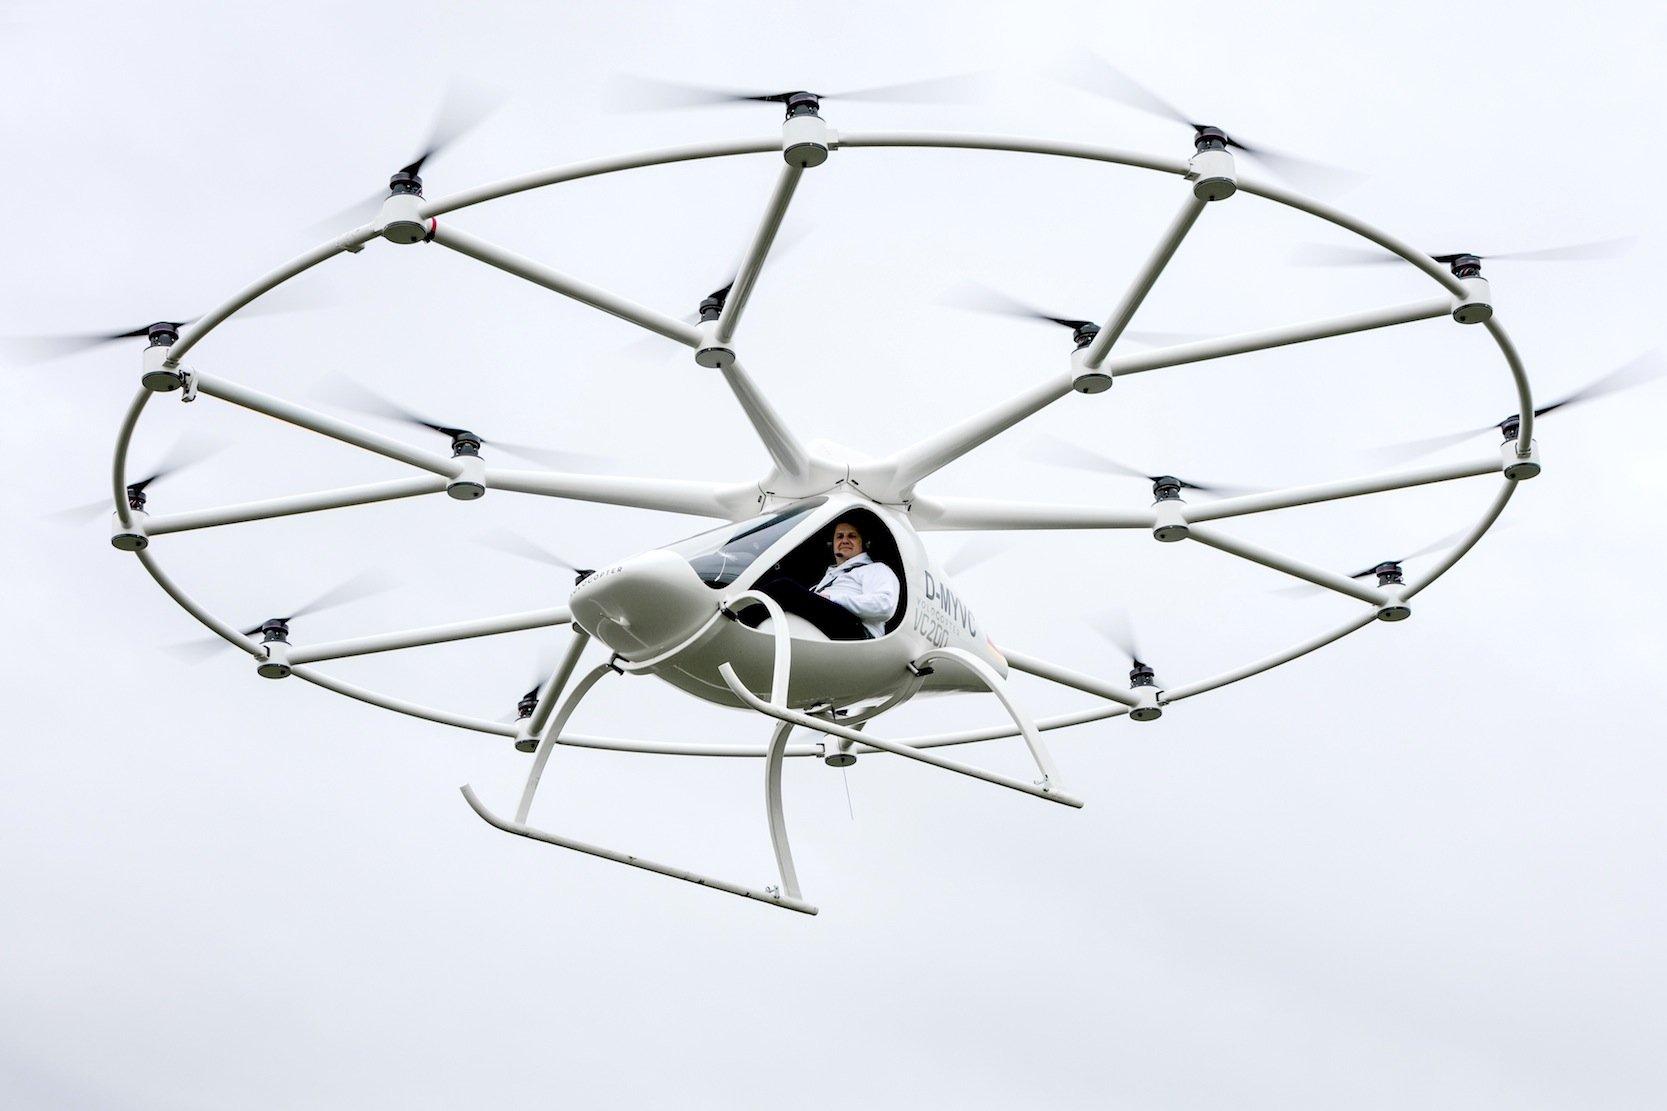 Bemannter Erstflug des Volocopters VC200: e-volo-GeschäftsführerAlex Zosel steuerte die von 18 Rotoren angetriebene Drohne mit einem Joystick.